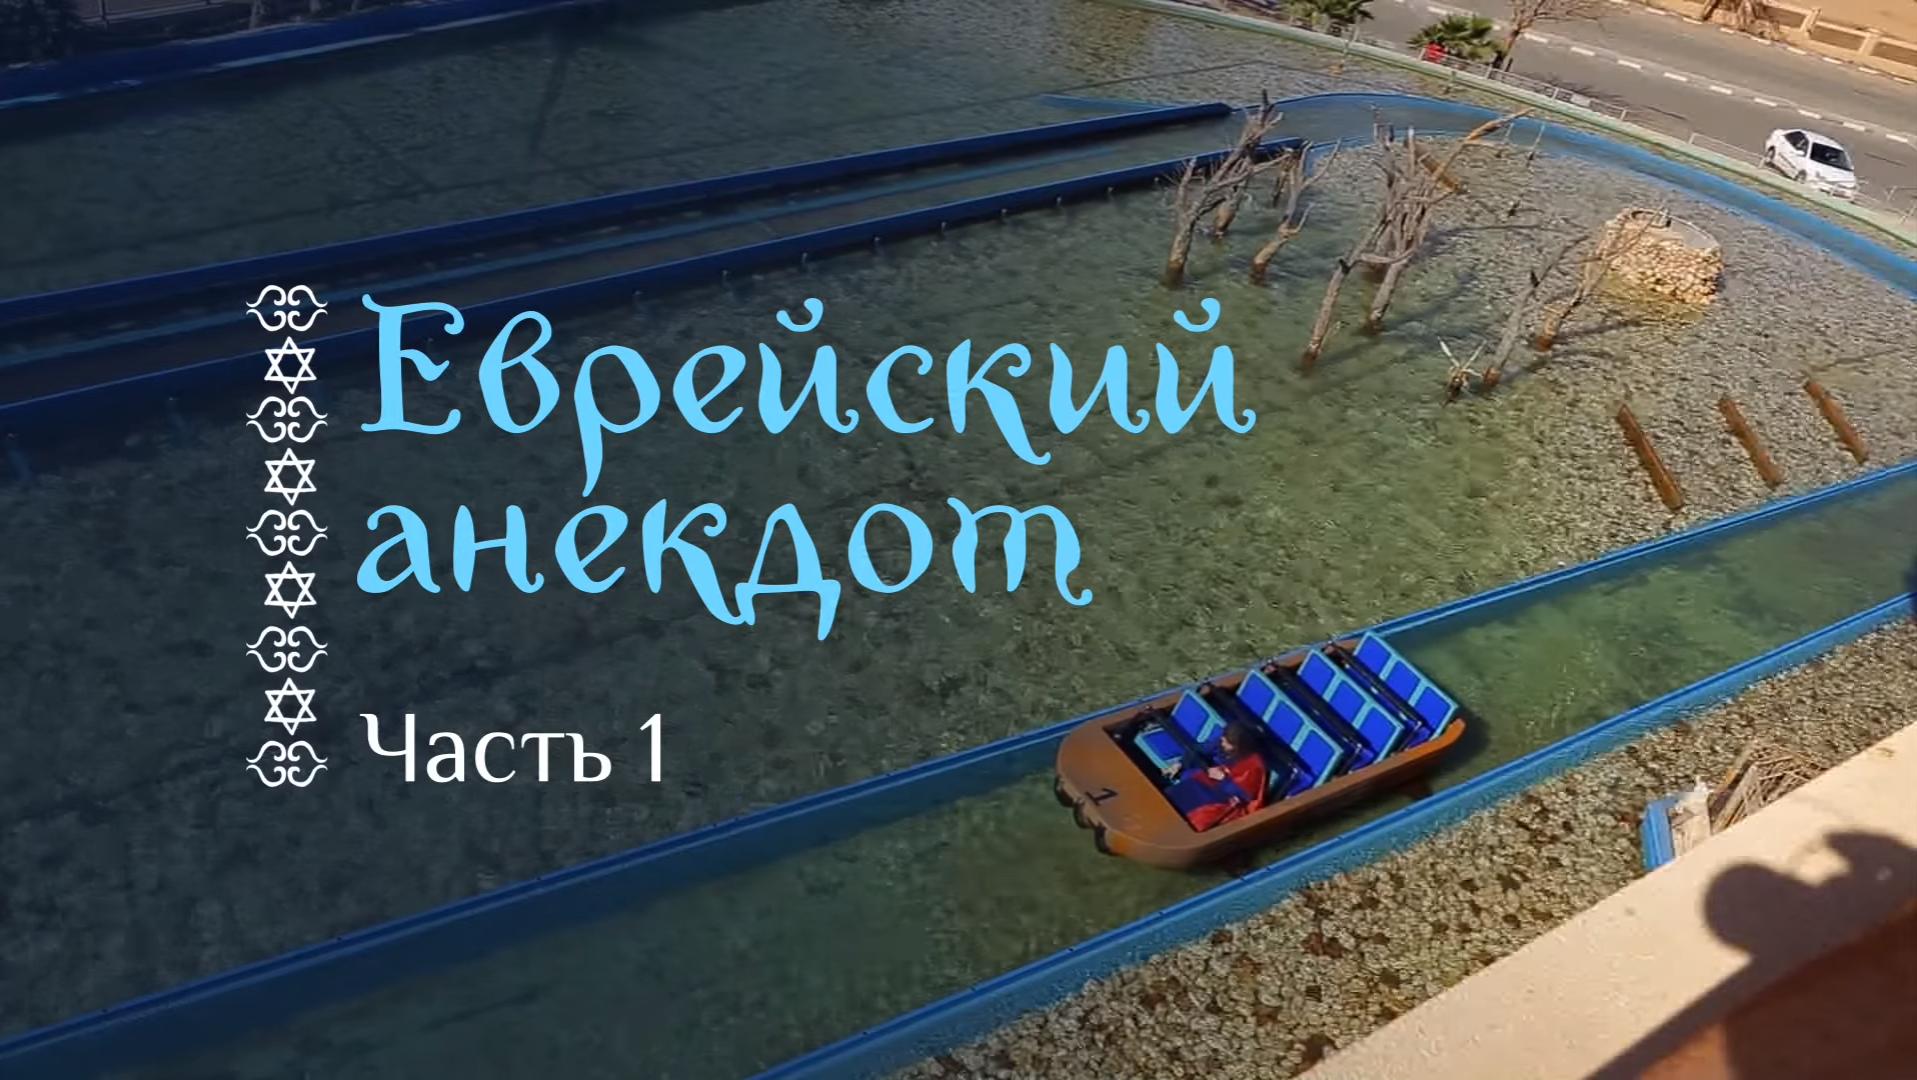 skrin-evrejskij-anekdot-1